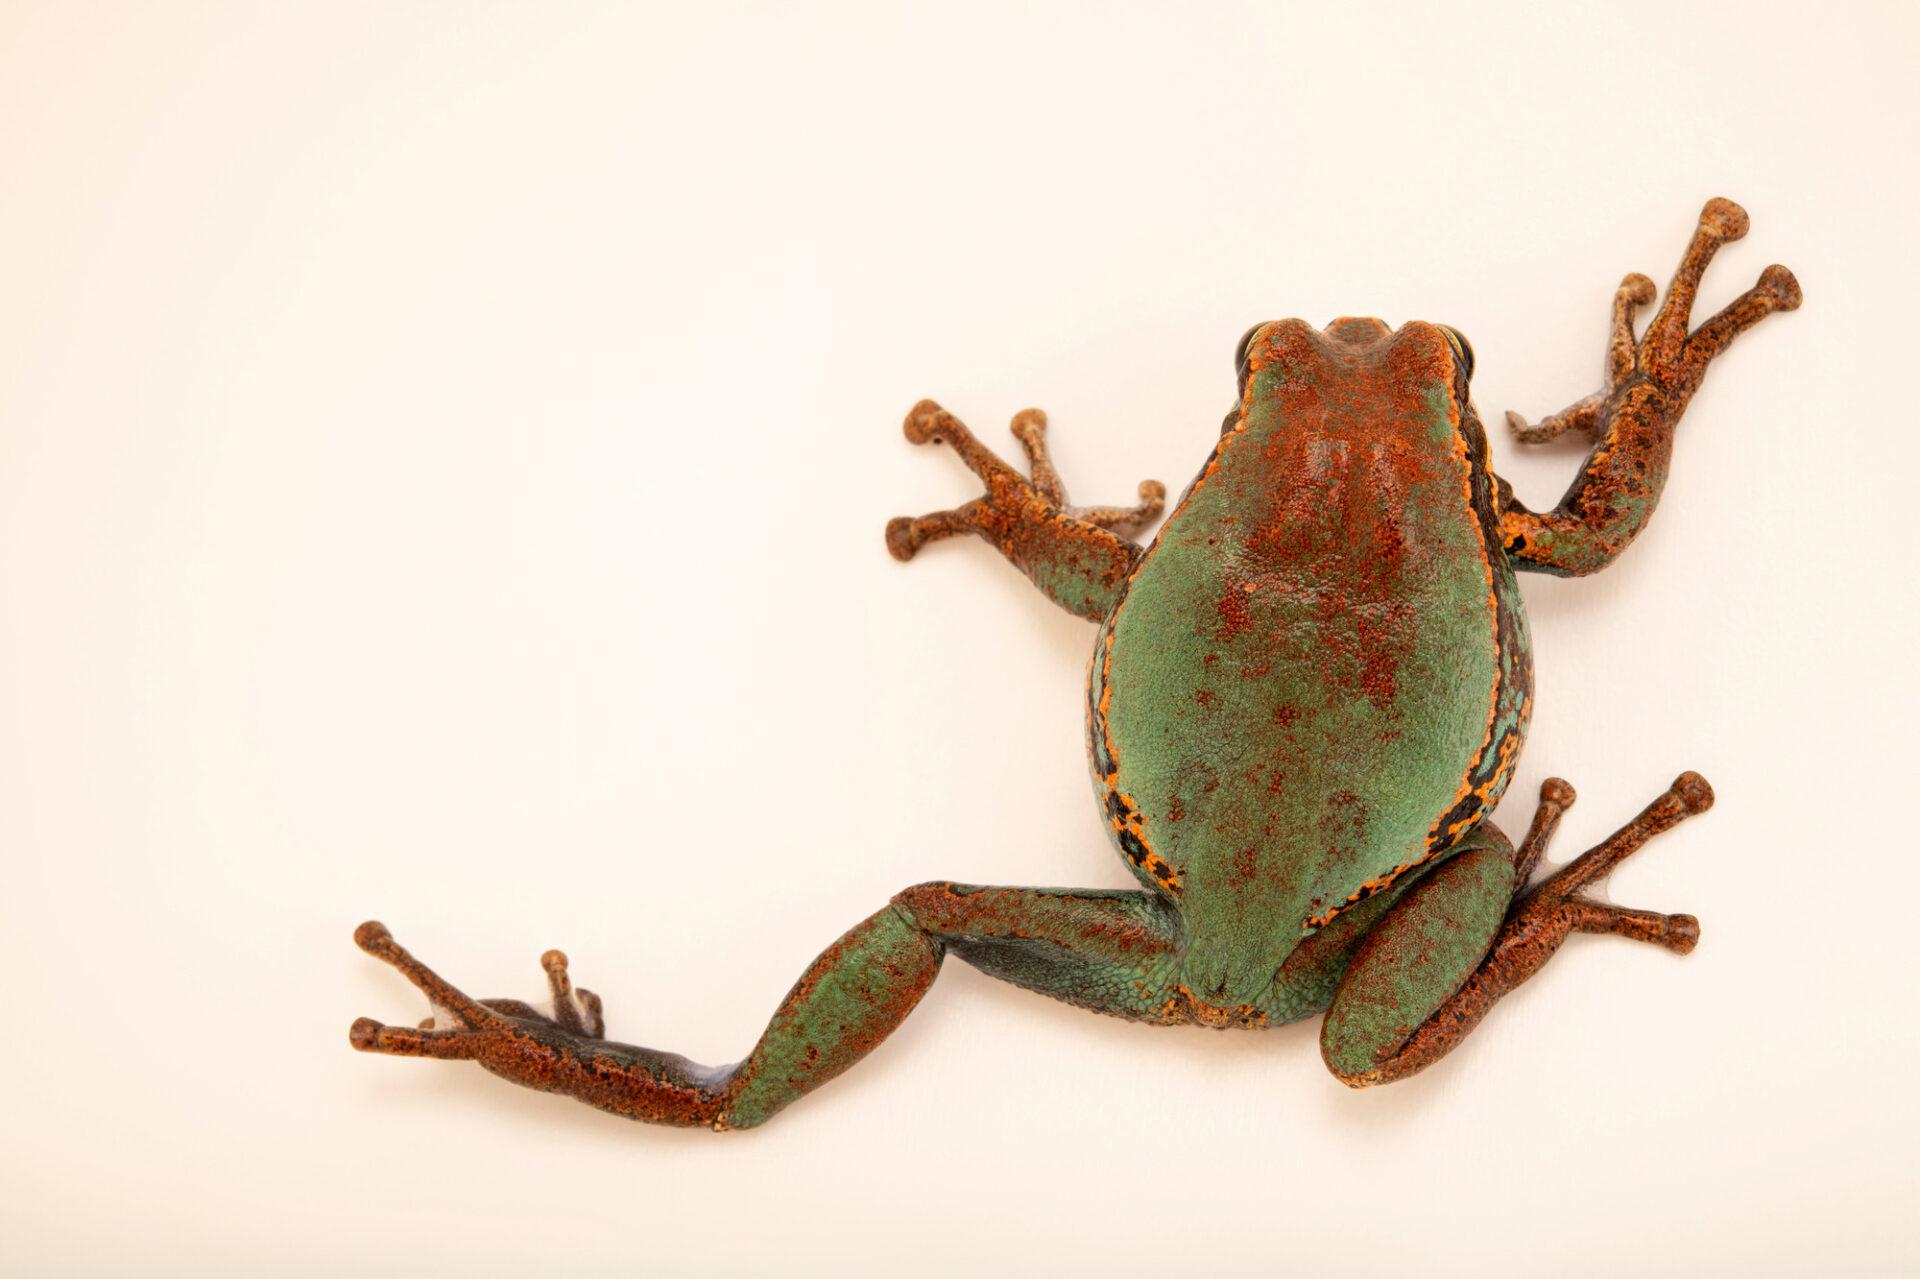 Photo: A marsupial frog (Gastrotheca sp.) at Balsa de los Sapos.